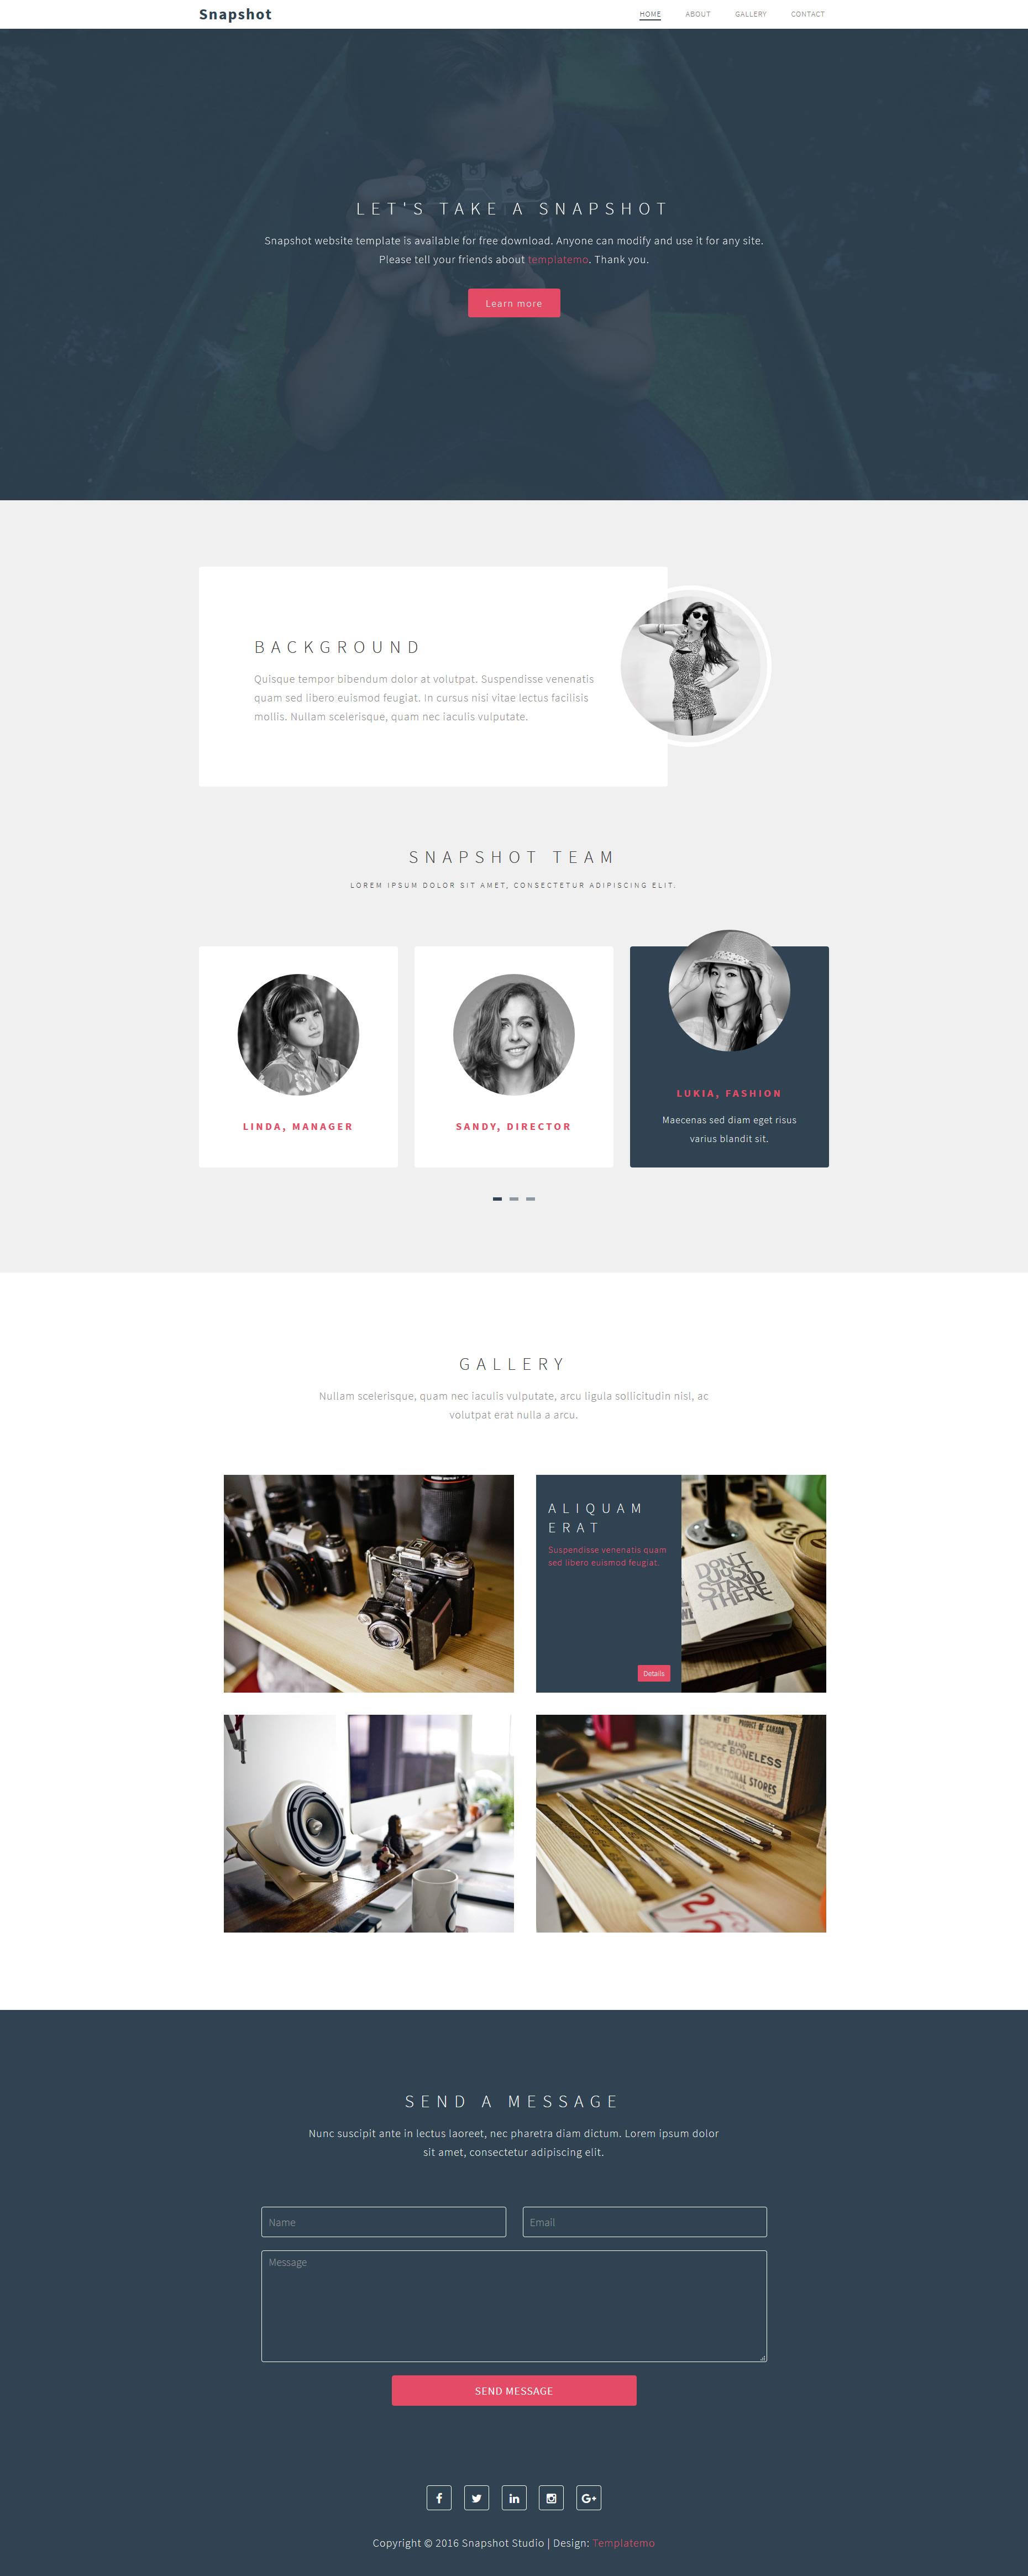 قالب زیبای شرکتی Snapshot - طراحی سایت